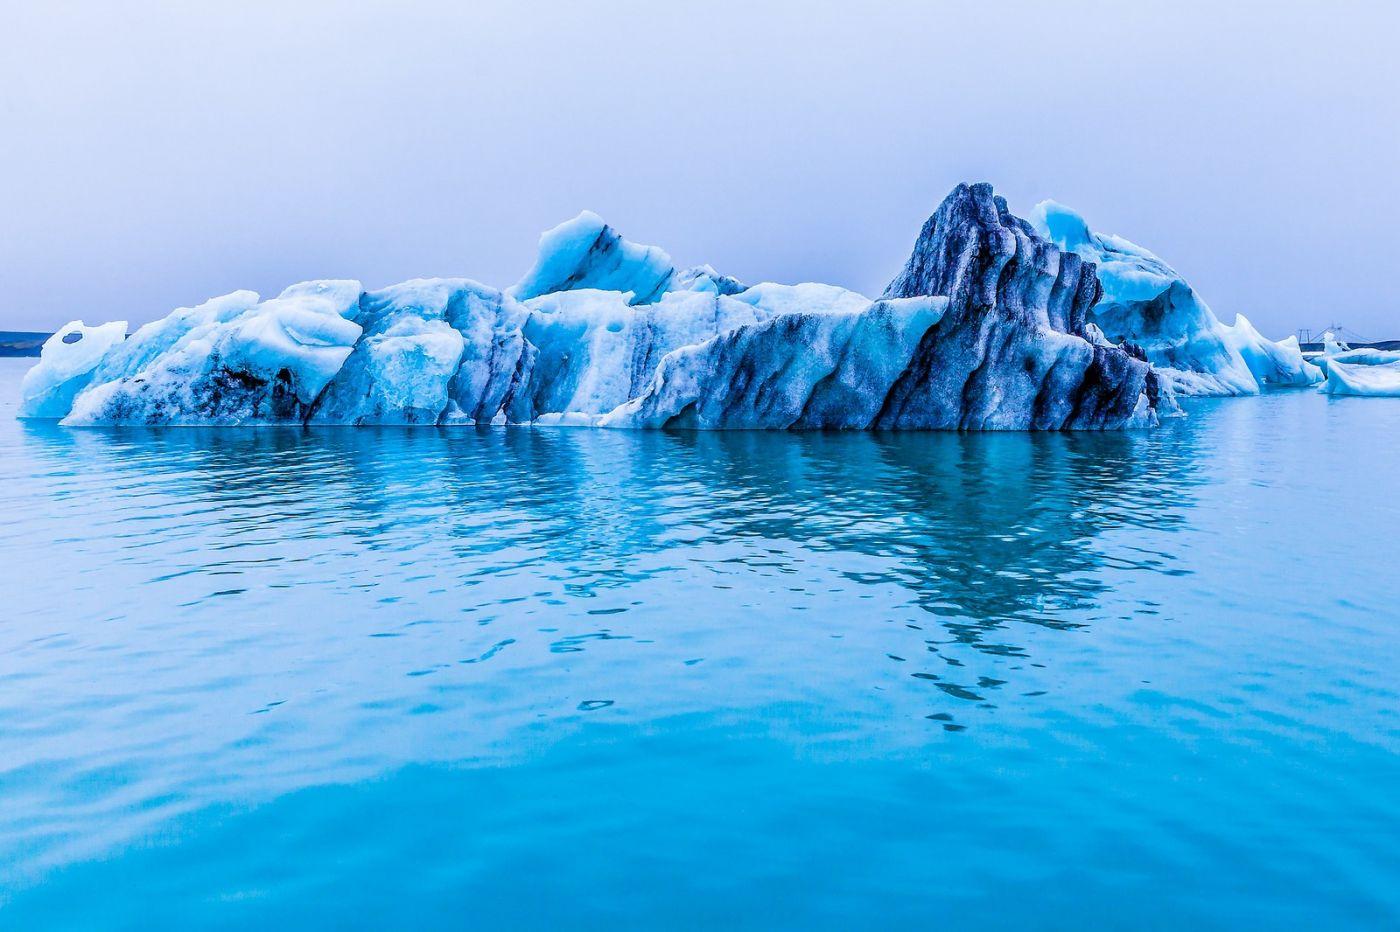 冰岛冰川泻湖(Glacier Lagoon),自然雕塑_图1-40